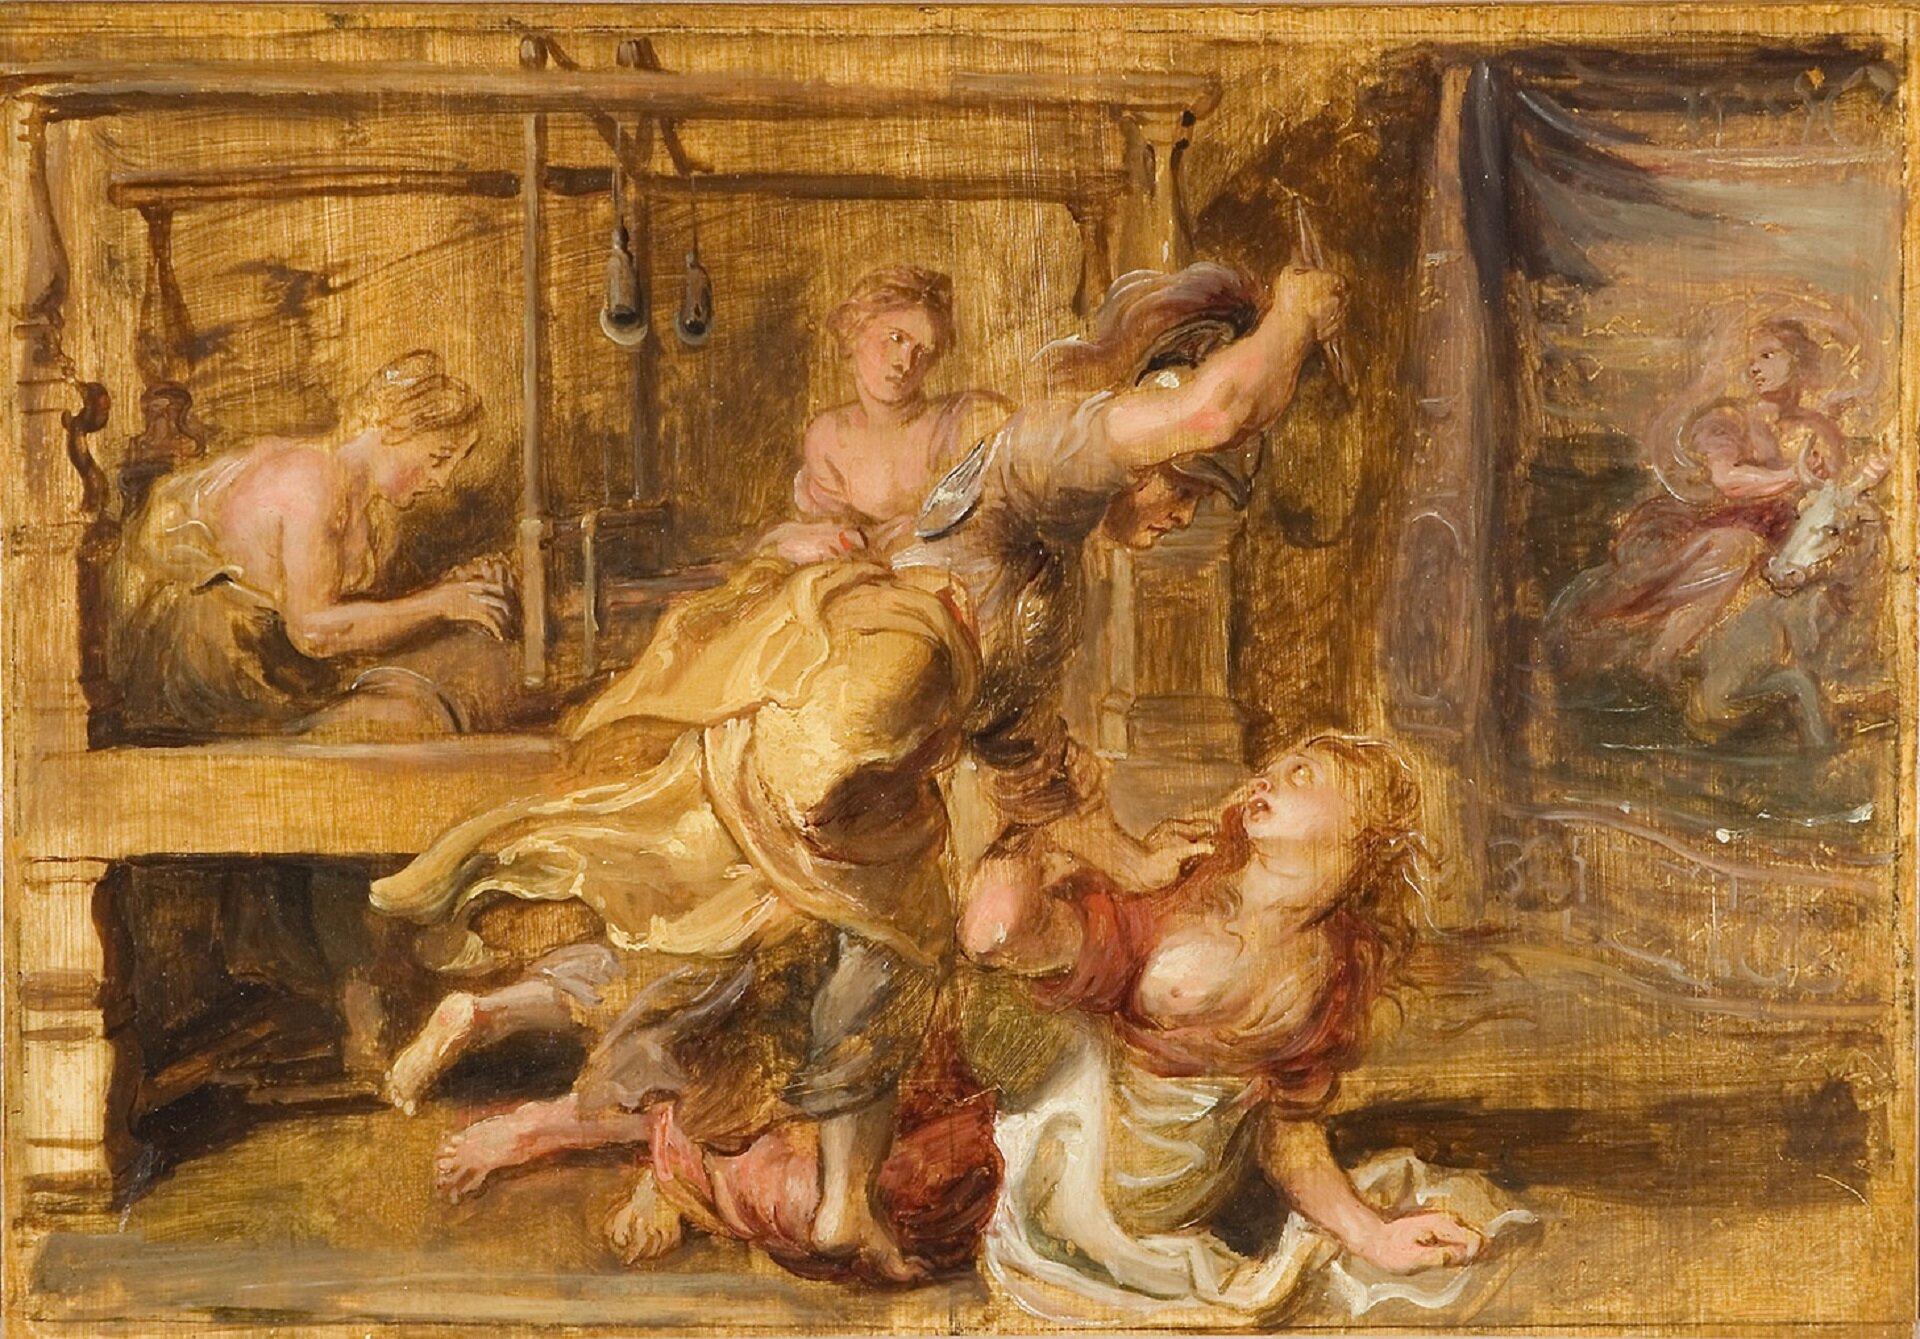 """Obraz Petera Paula Rubensa """"Arachne"""" przedstawia scenę pobicia kobiety przez żołnierza. Na pierwszym planie widoczny jest mężczyzna ubrany wzbroję. Wjednej dłoni trzyma przedmiot ipróbuje zadać Arachne cios. Trzymana przez wojownika kobieta spogląda na niego zprzerażeniem. Wtle widoczne są postacie, które nie są zainteresowane tym co się obok nich dzieje. Na ich twarzy widoczna jest obojętność. Wprawej części obrazu znajduje się ciemnoskóra kobieta siedząca na szarym koniu."""